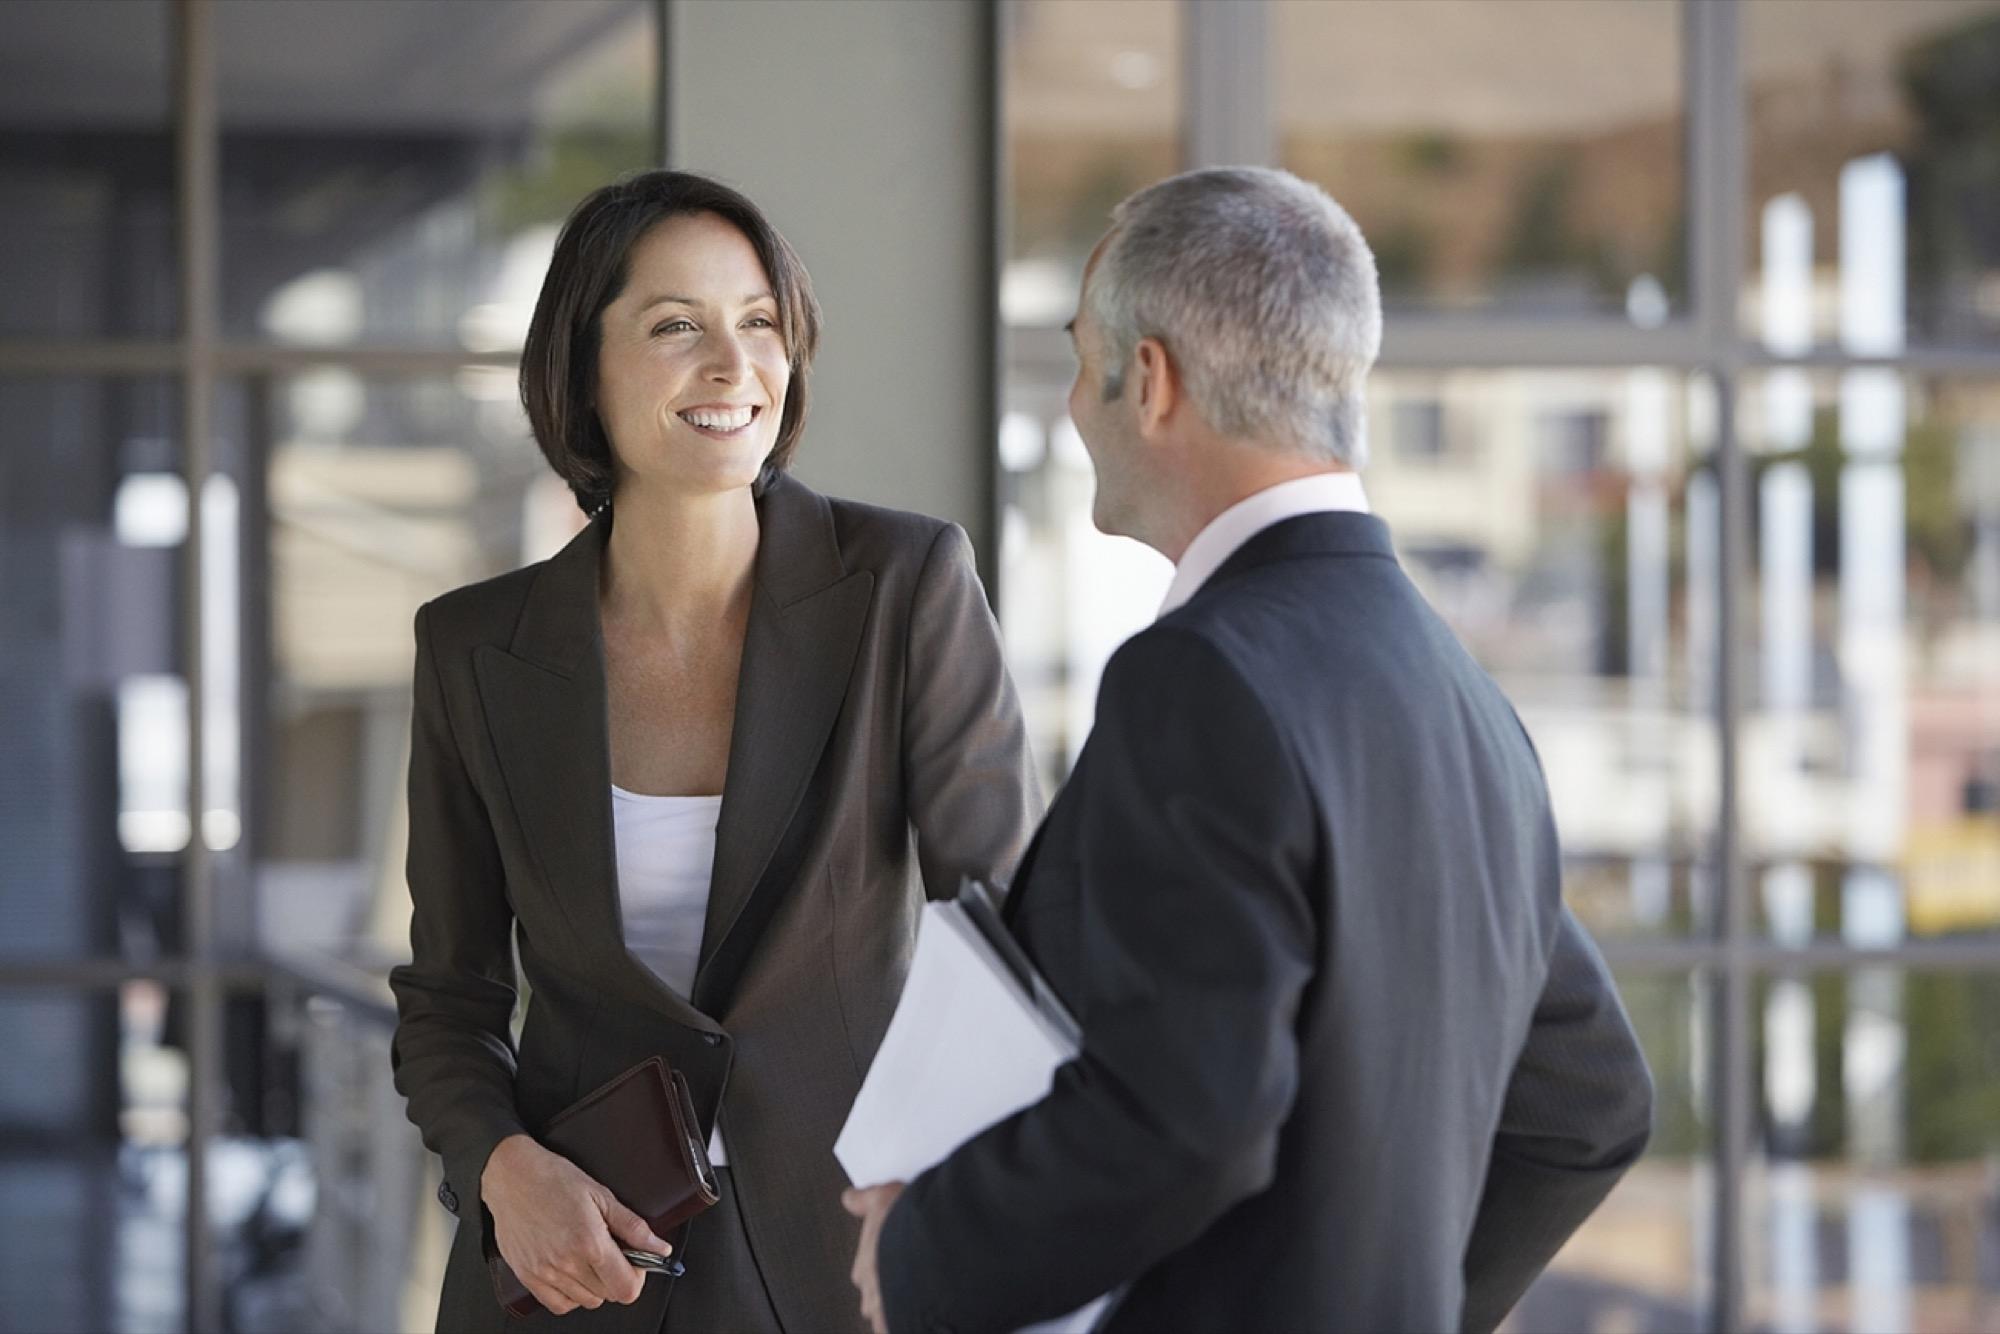 5 Invaluable Sales Tips From A Former Door To Door Salesman